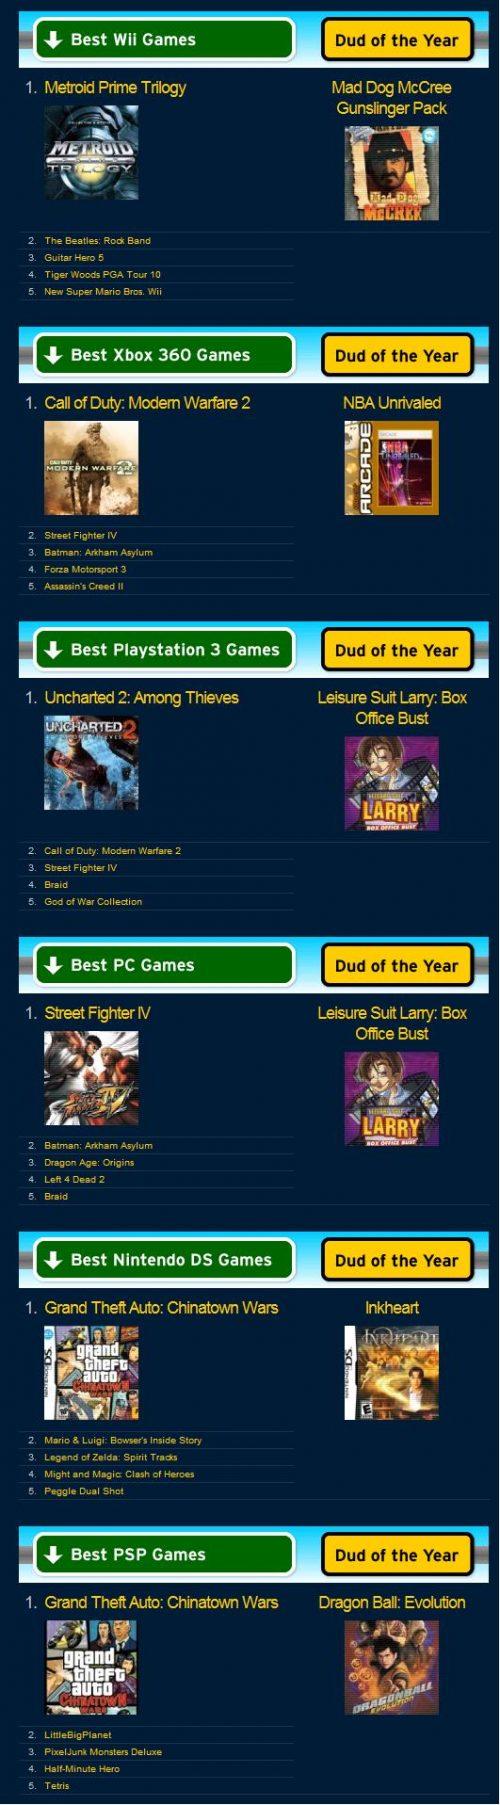 METACRITIC TOP GAMES Of 2009